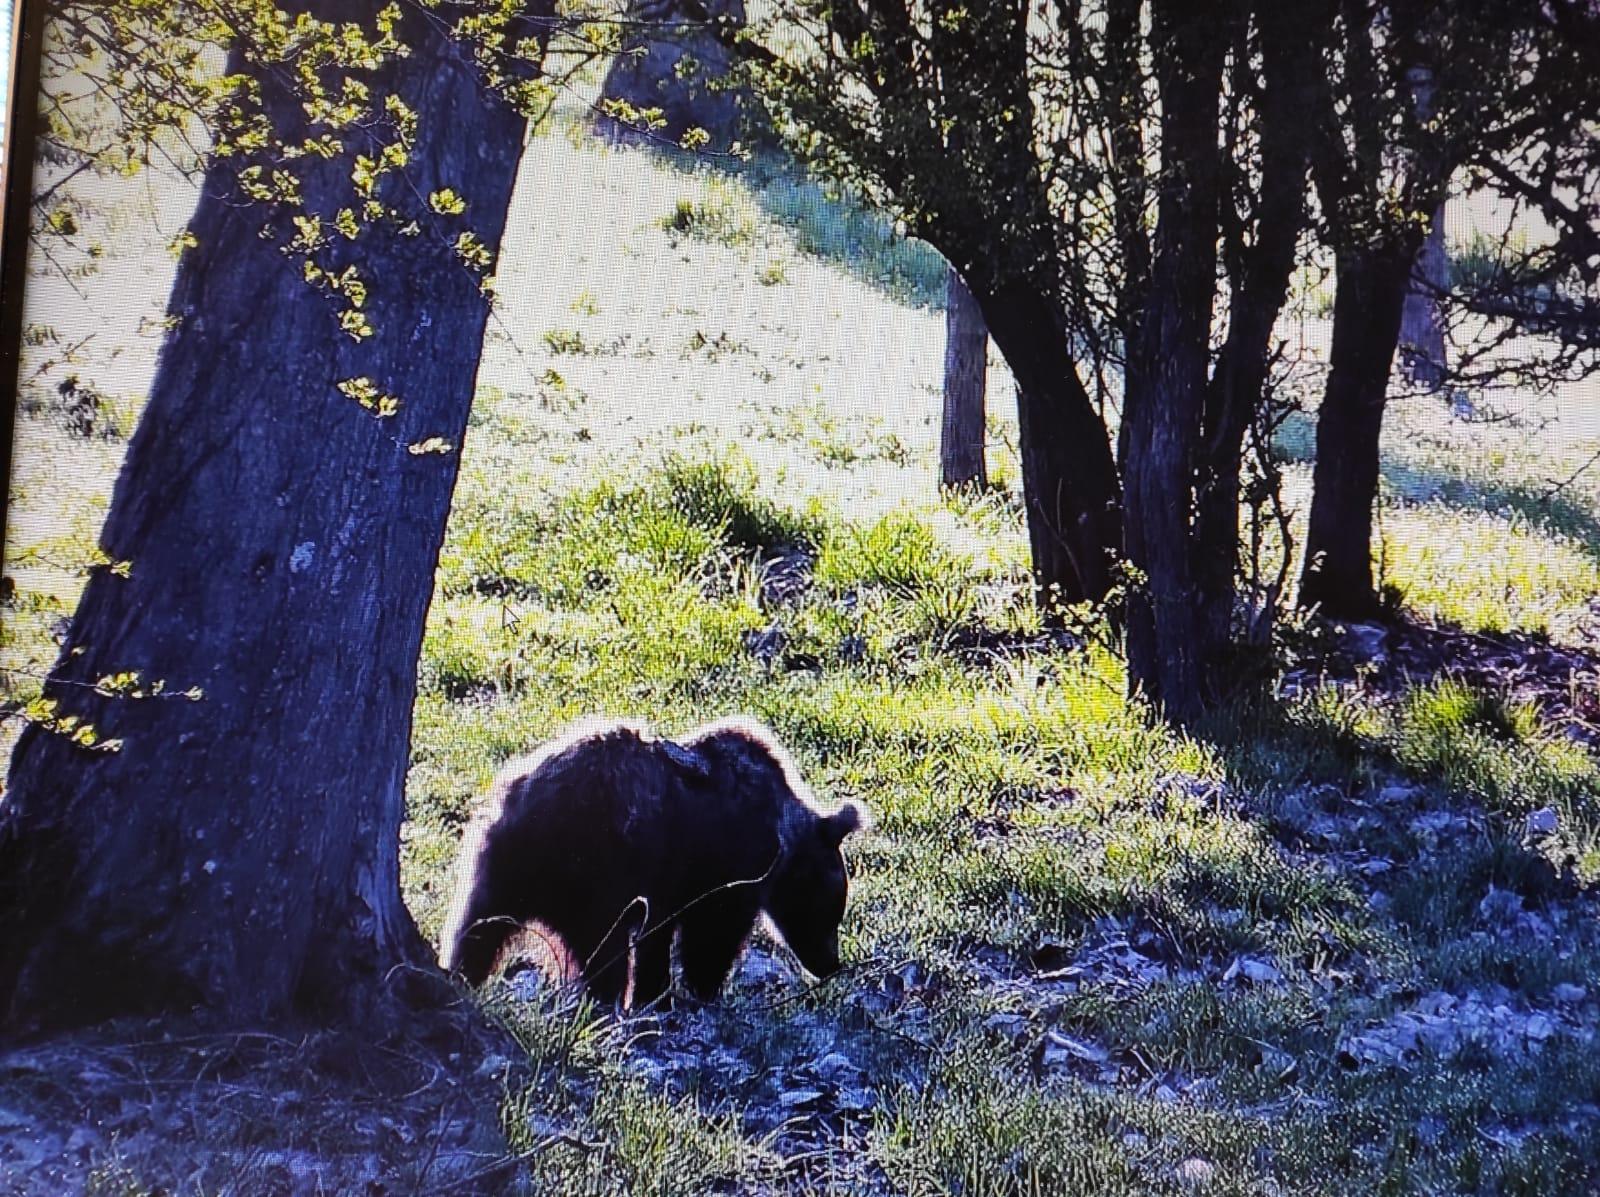 La osezna recogida en Somiedo a finales de agosto del año pasado, reintroducida en el Parque Natural de Redes